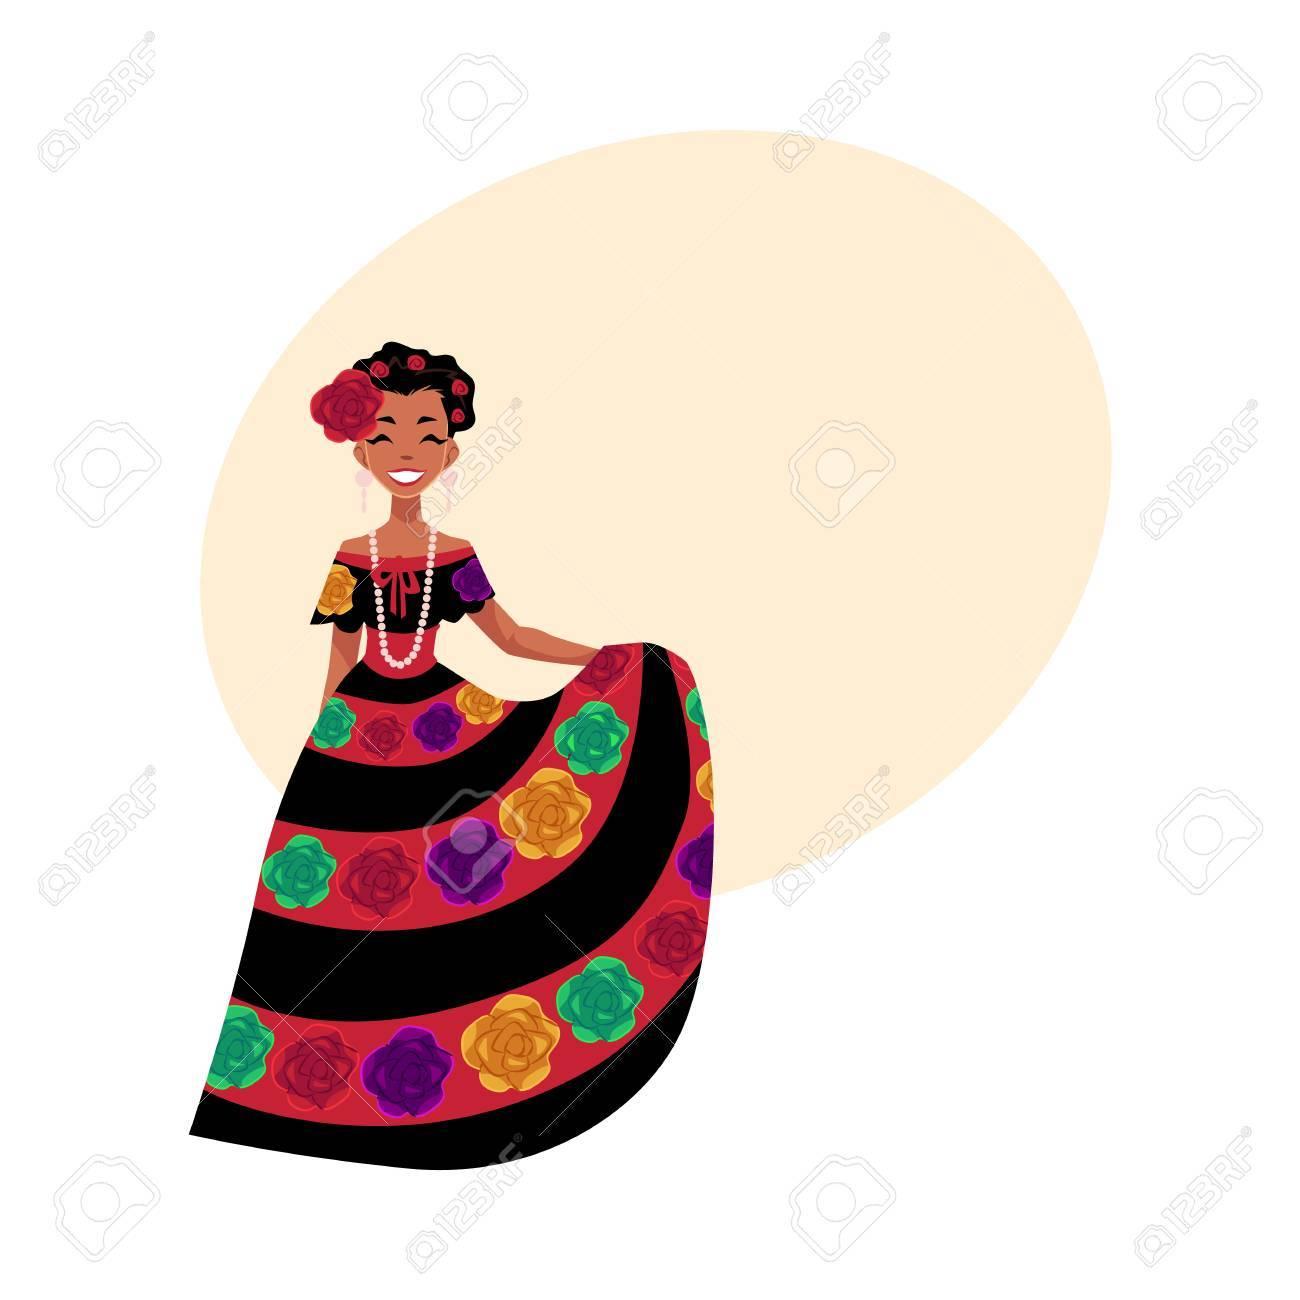 Mujer Mexicana En Traje Nacional Tradicional Decorado Con Flores ...